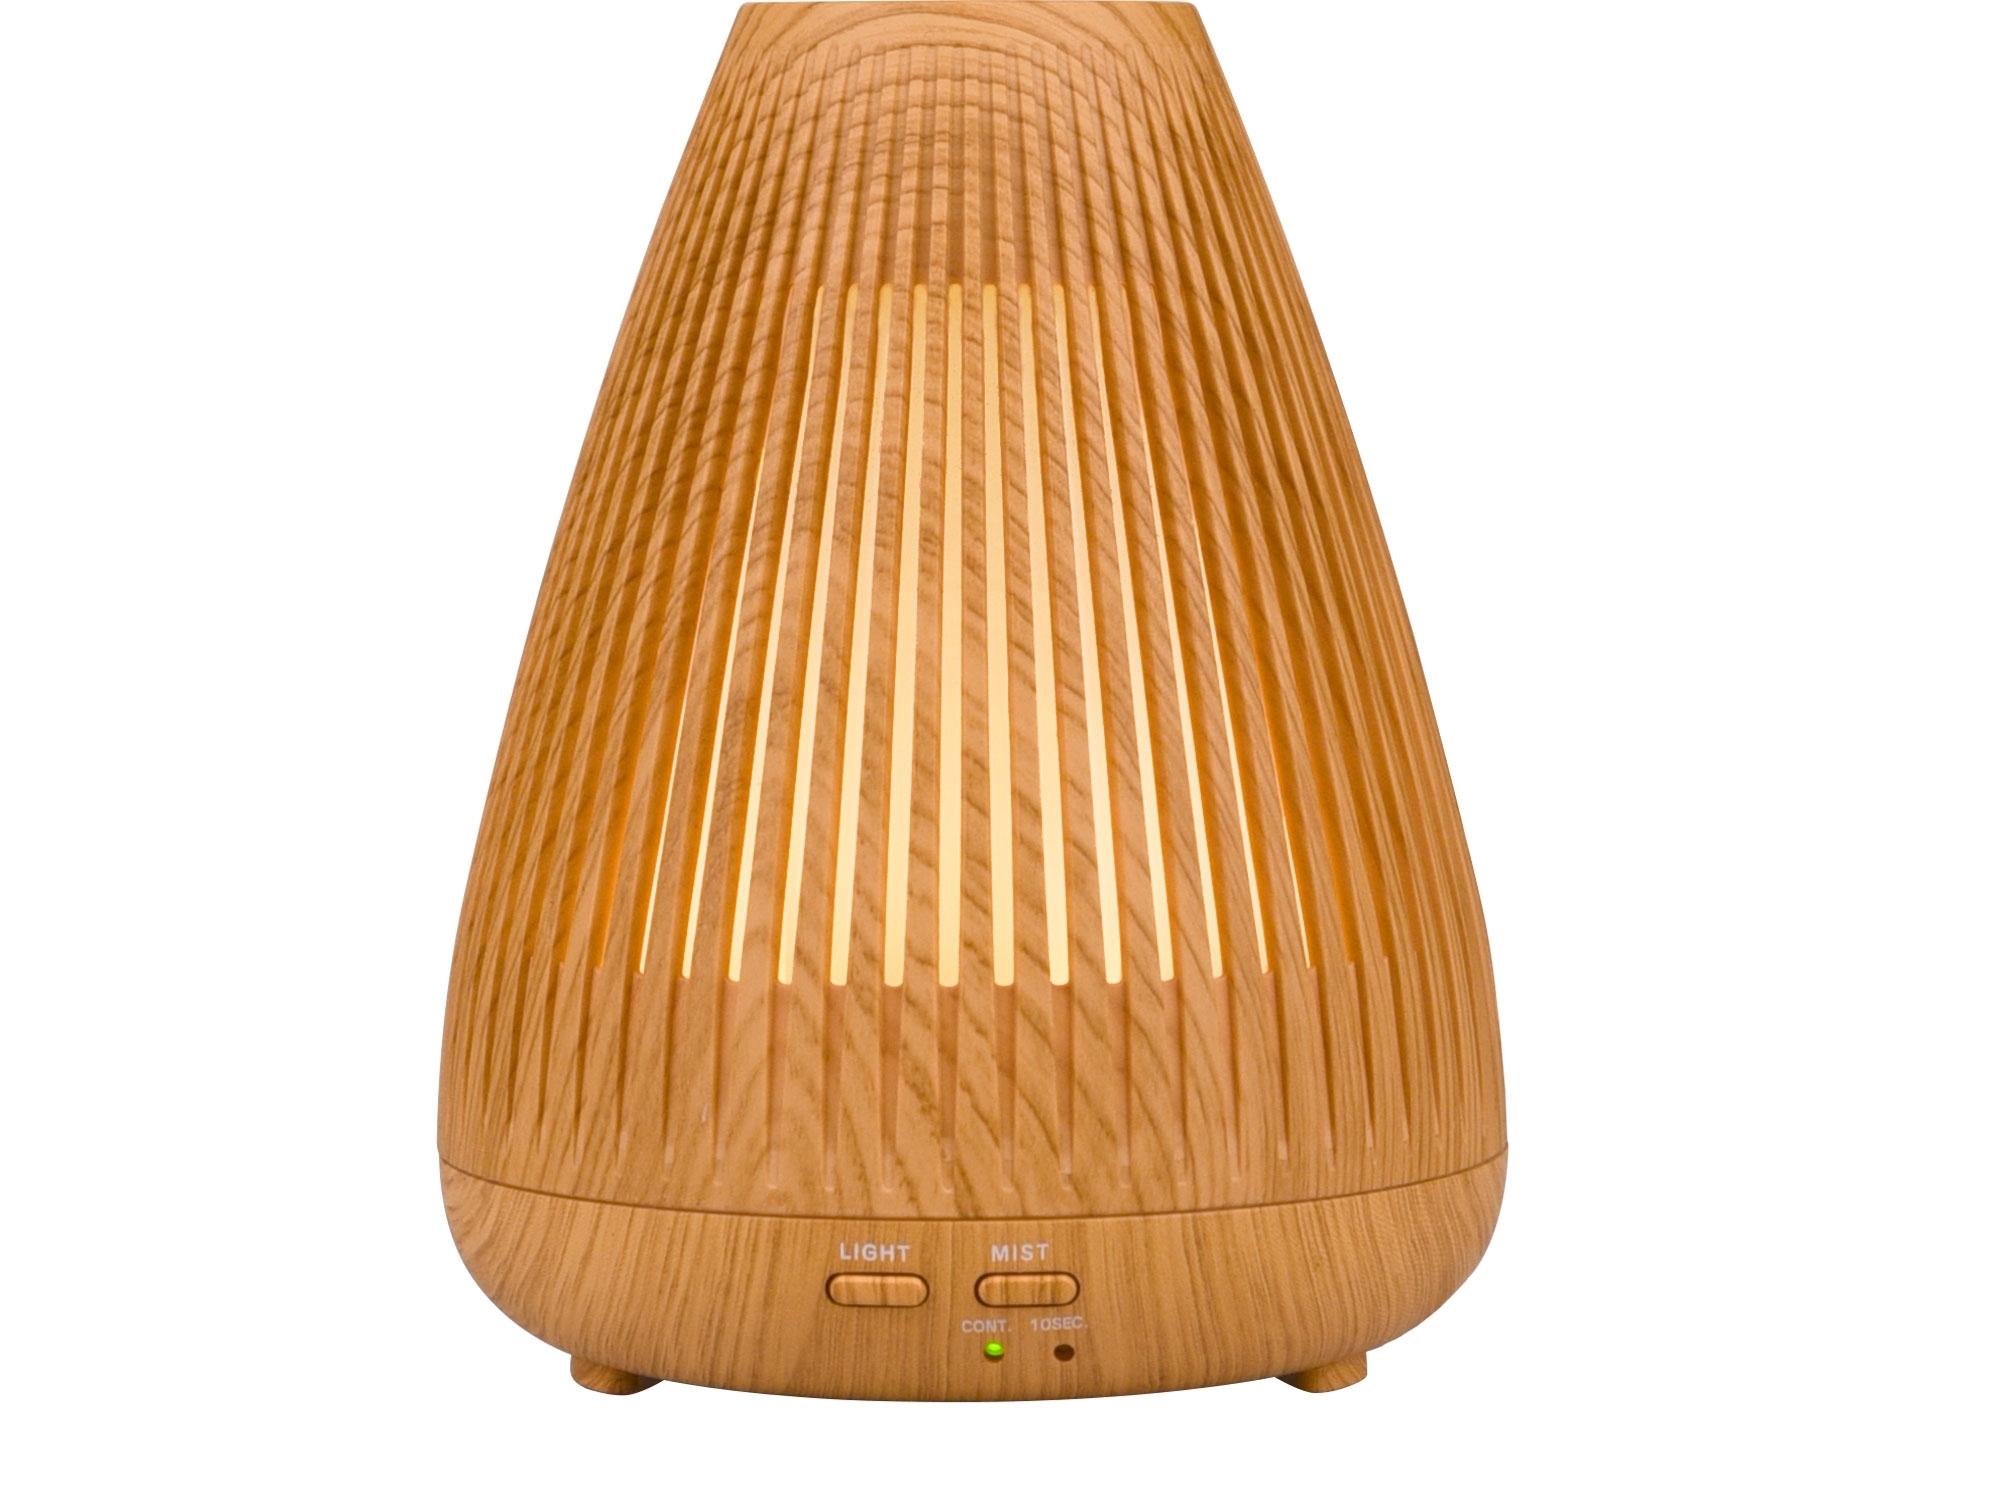 aroma difuzér BEAM - PAPRSEK, osvěžovač a zvlhčovač vzduchu, imitace světlého dřeva